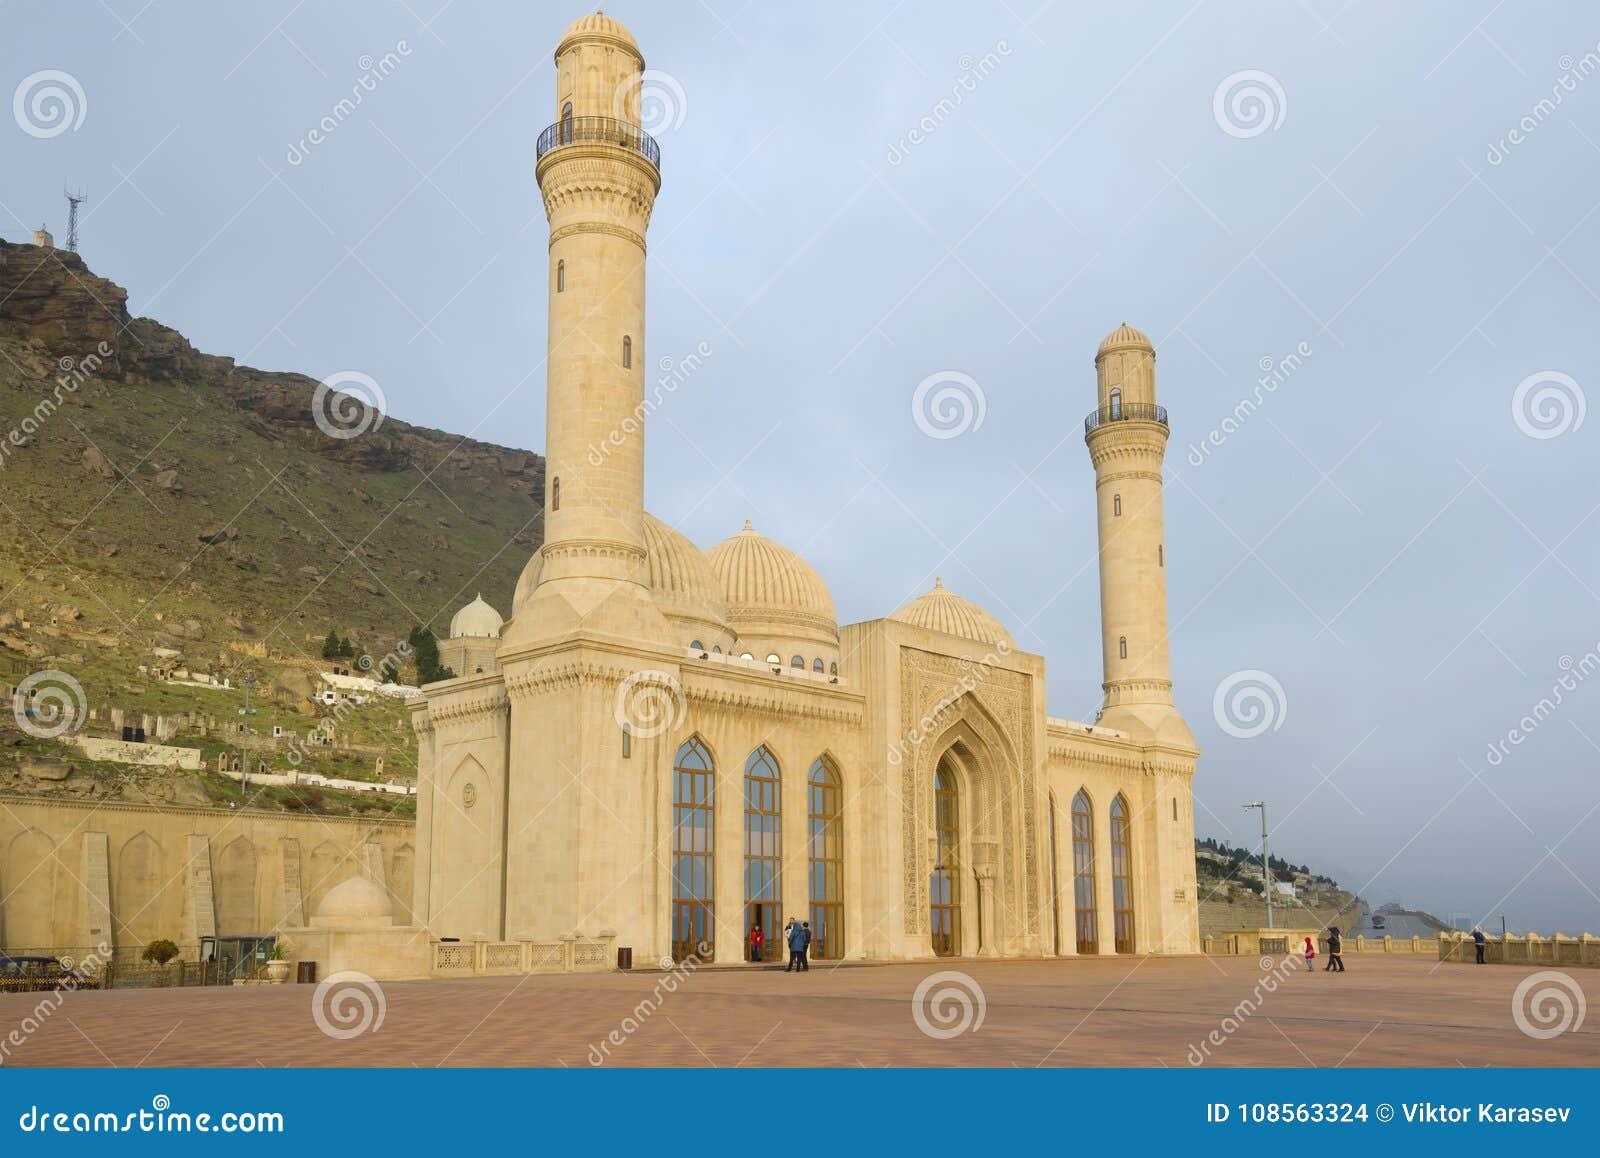 Shiite Bibi-Heybat Mosque in the cloudy January morning. Shikhovo, Baku